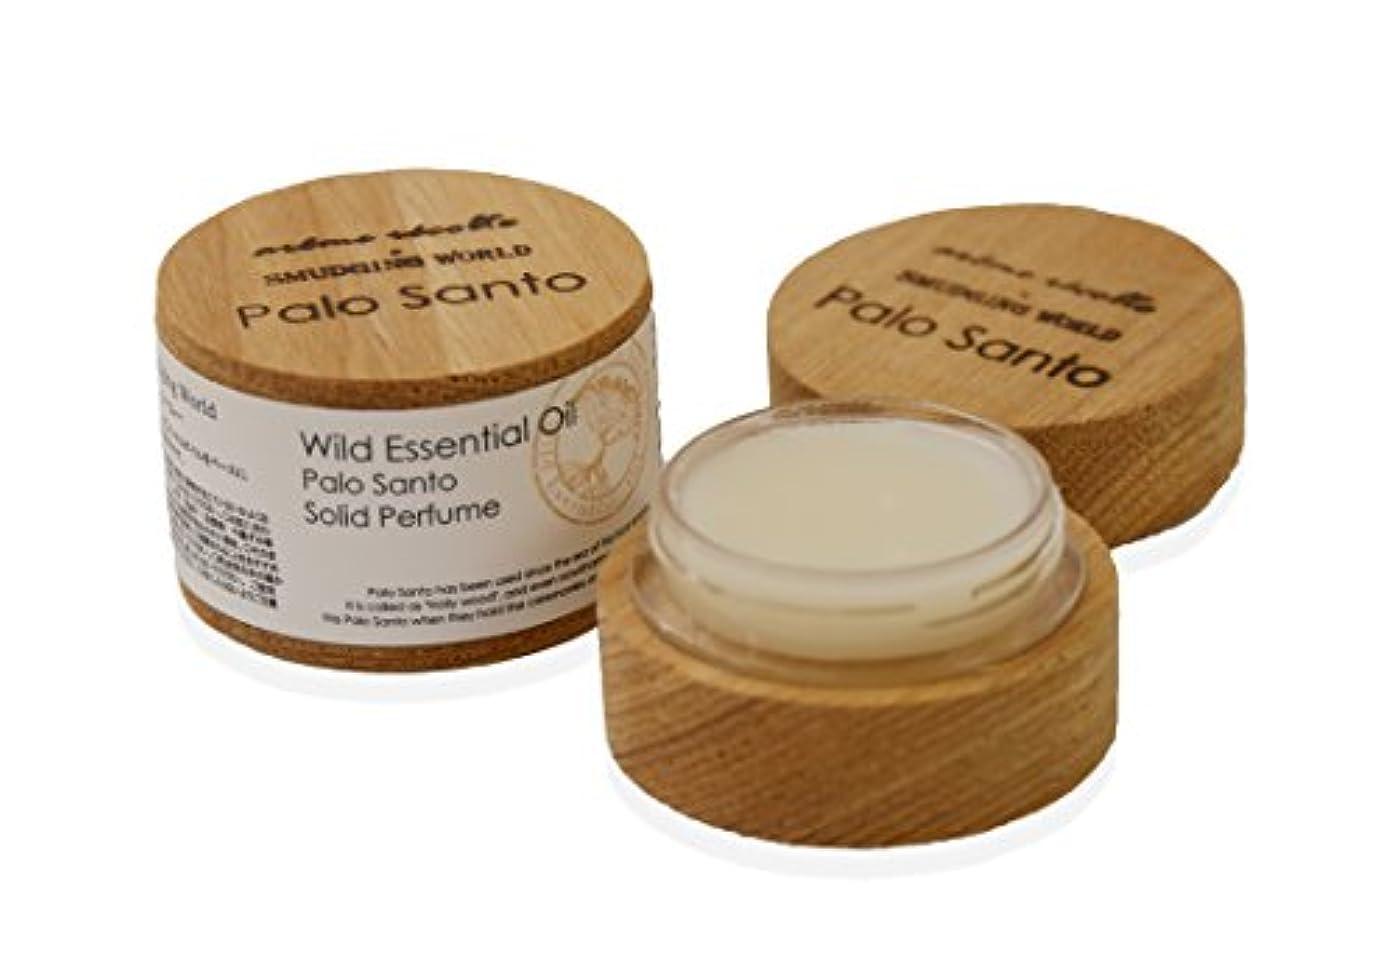 同情的検査官どうやらアロマレコルト ソリッドパフューム パロサント 【Palo Santo】 ワイルド エッセンシャルオイル wild essential oil solid parfum arome recolte